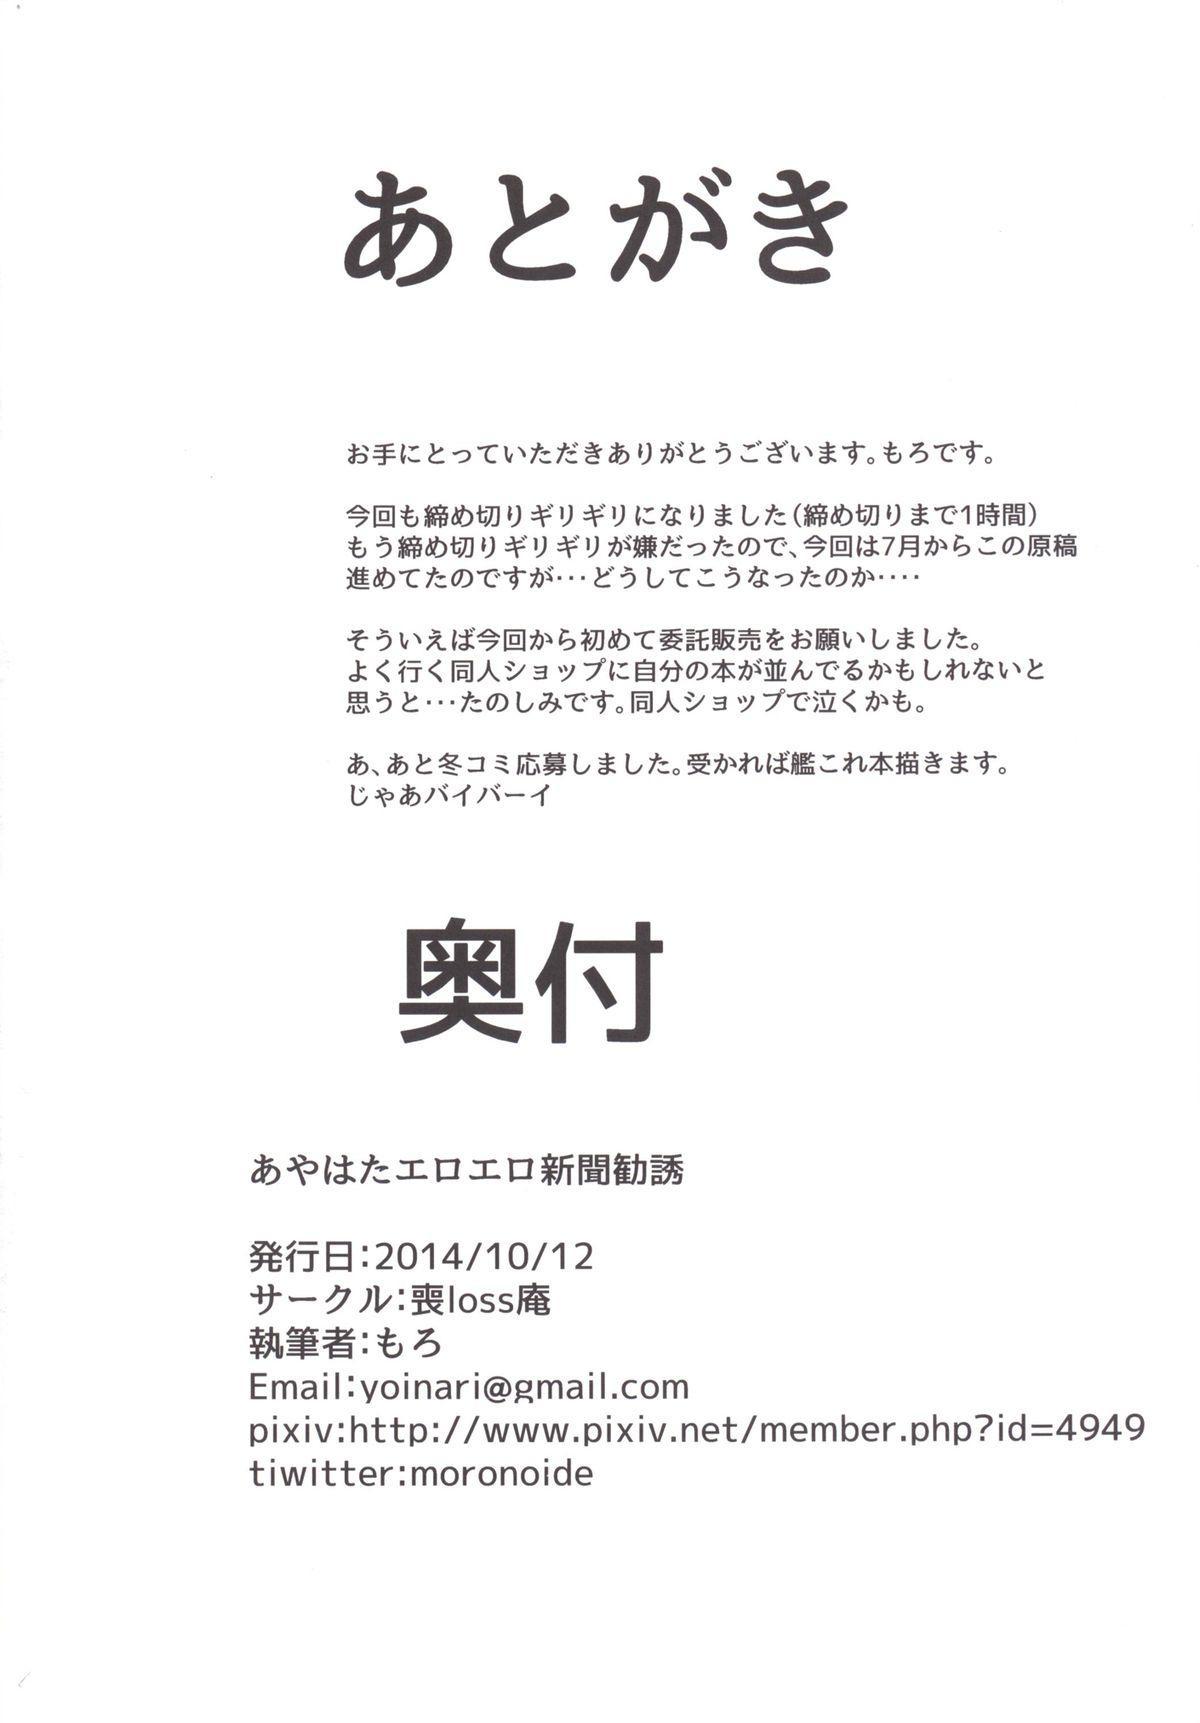 AyaHata Eroero Shinbun Kanyuu 24